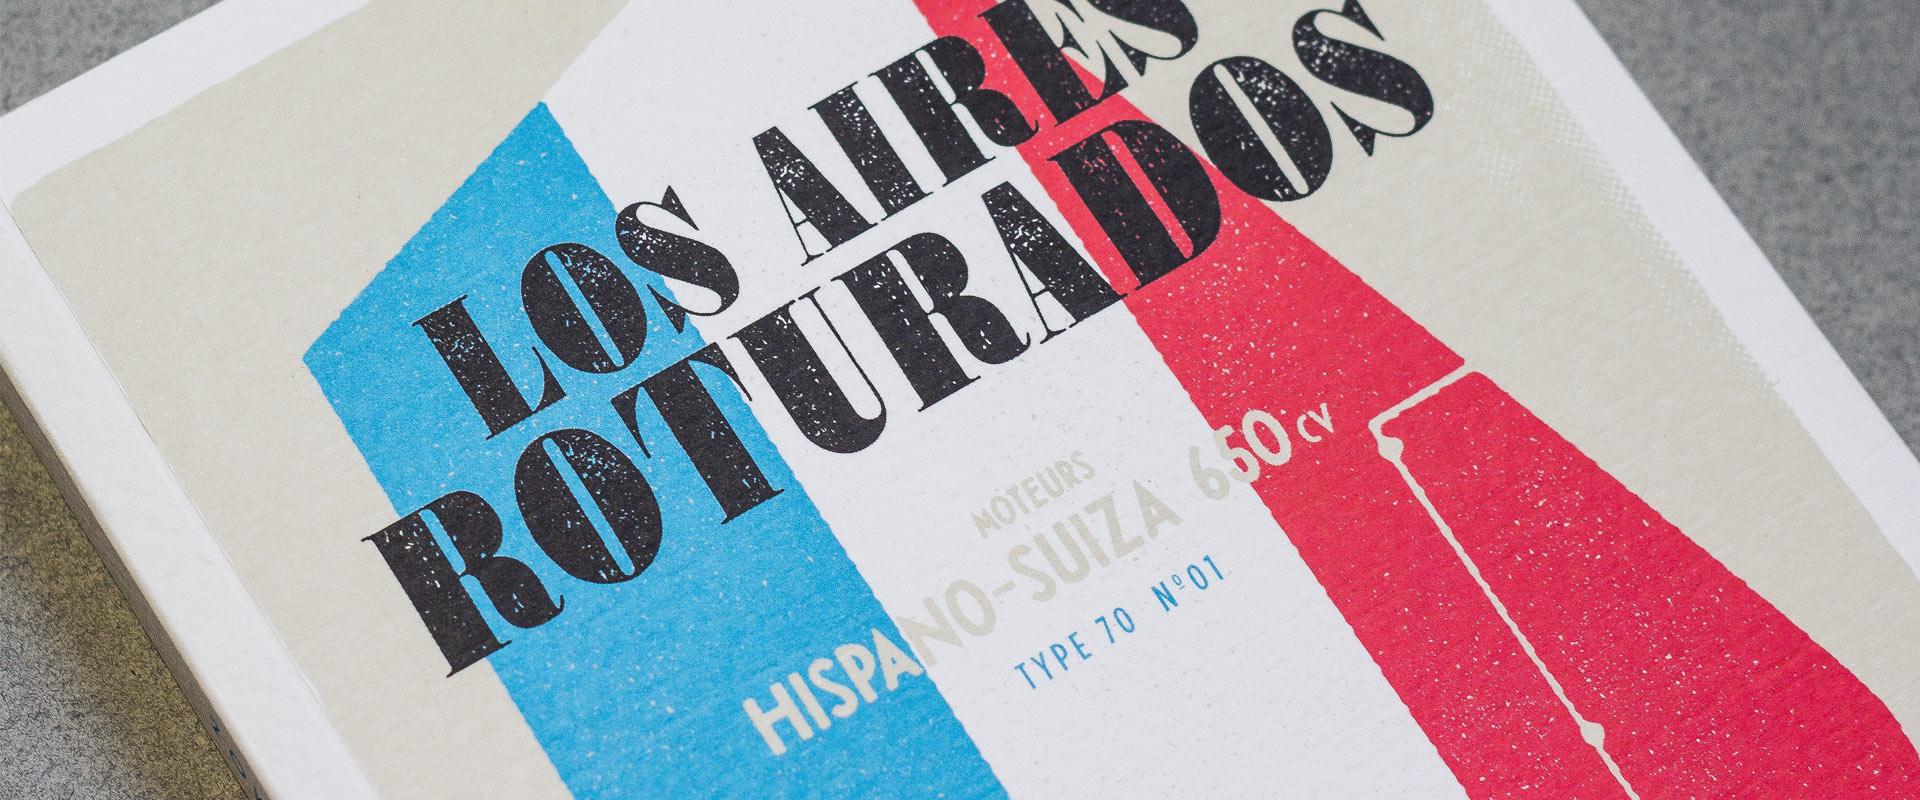 diseño de cubierta de libro Los Aires Roturados img-total